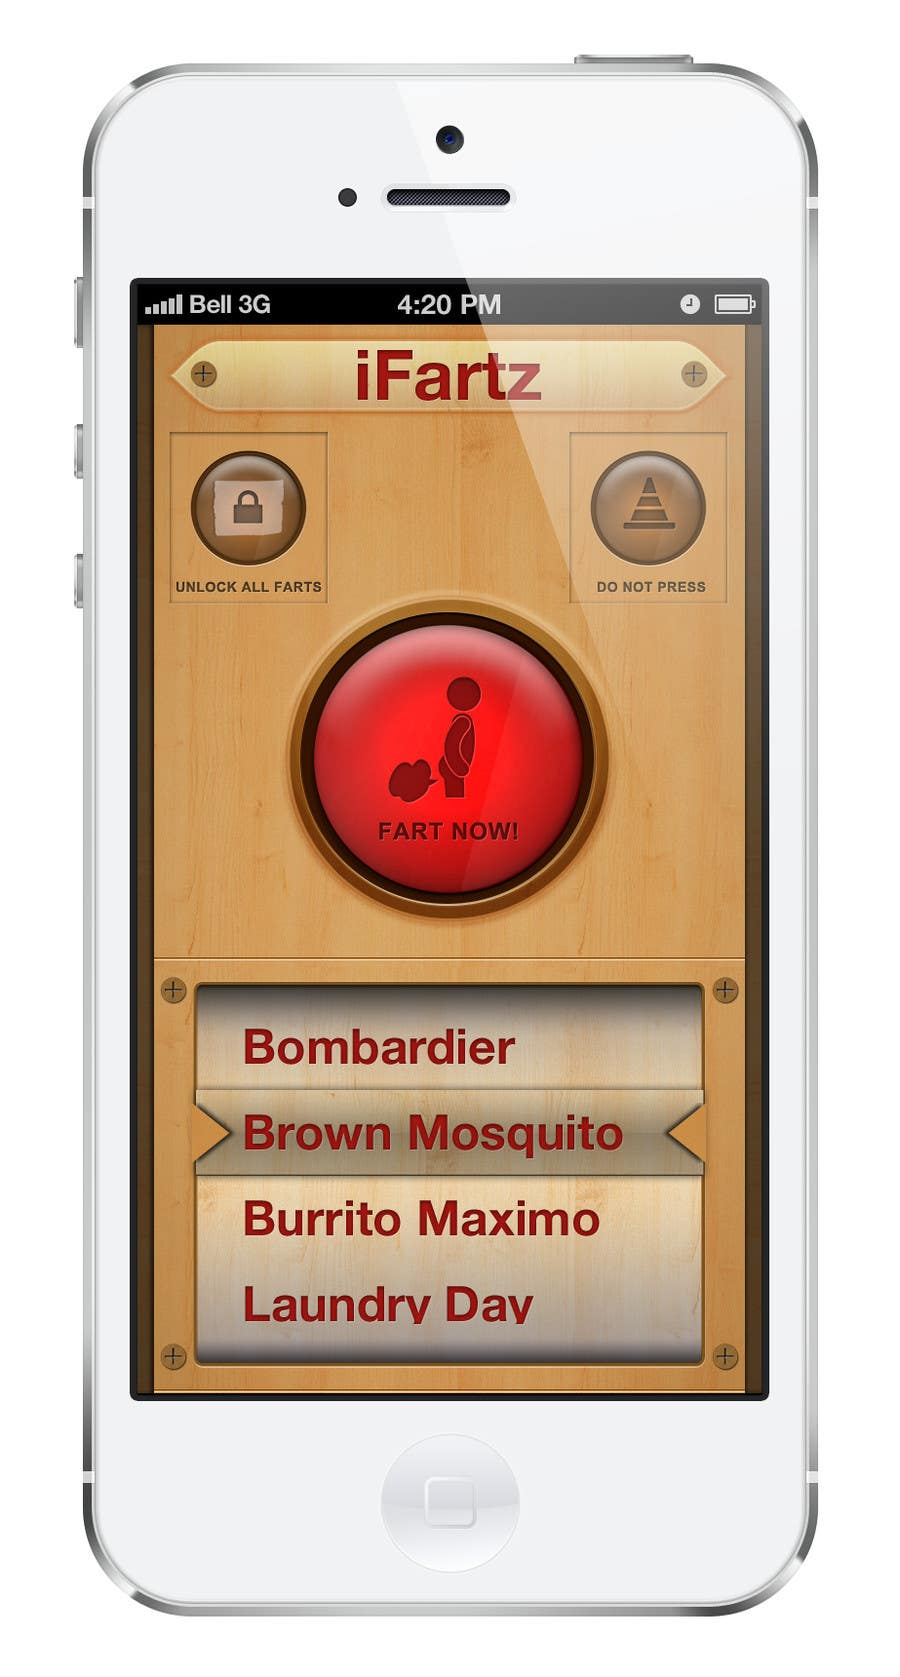 Bài tham dự cuộc thi #                                        3                                      cho                                         App Design for App Similar to iFart